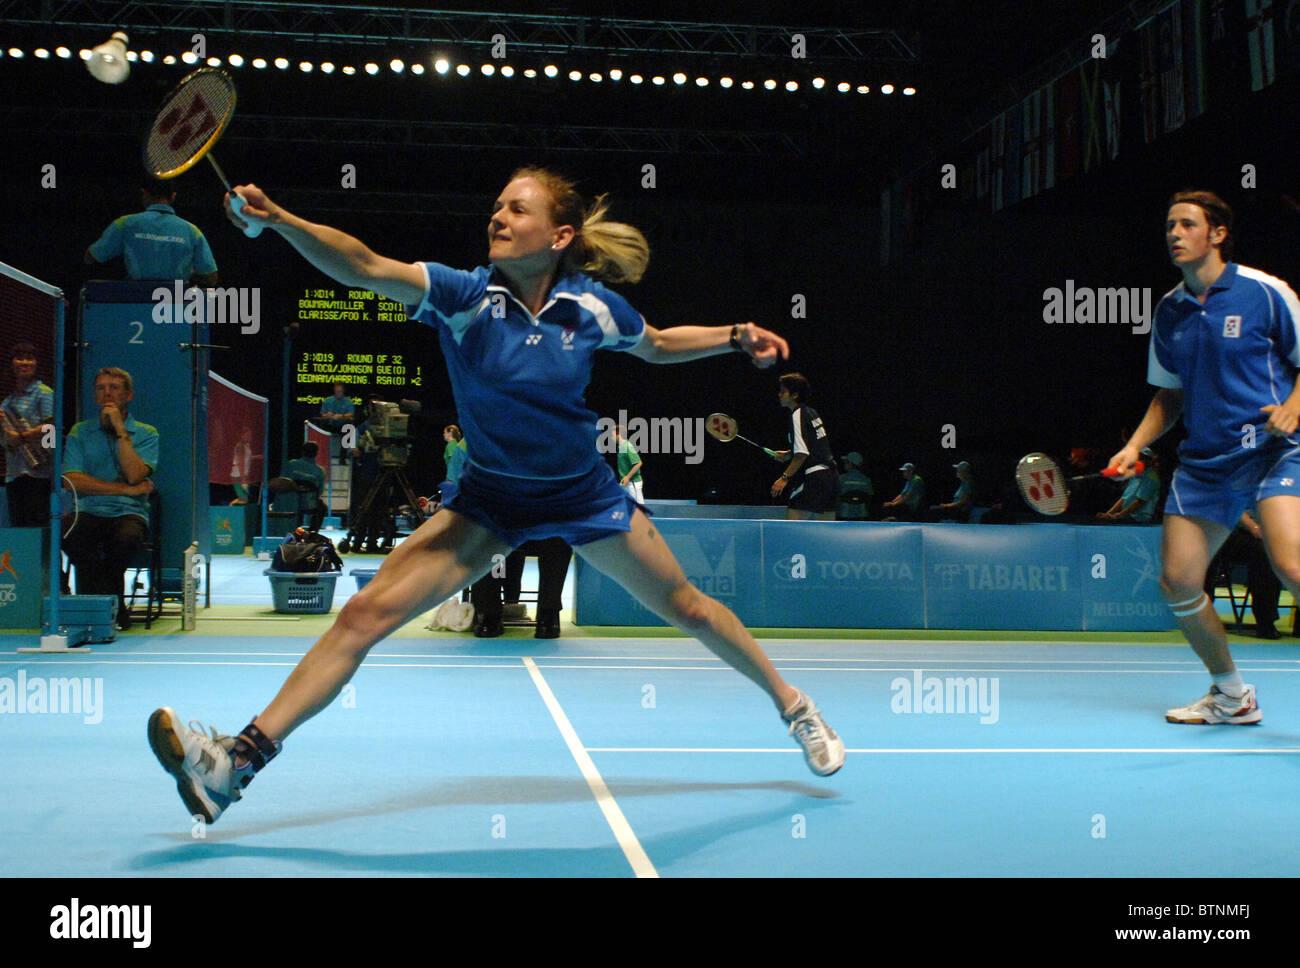 Badminton double mixte Banque D'Images